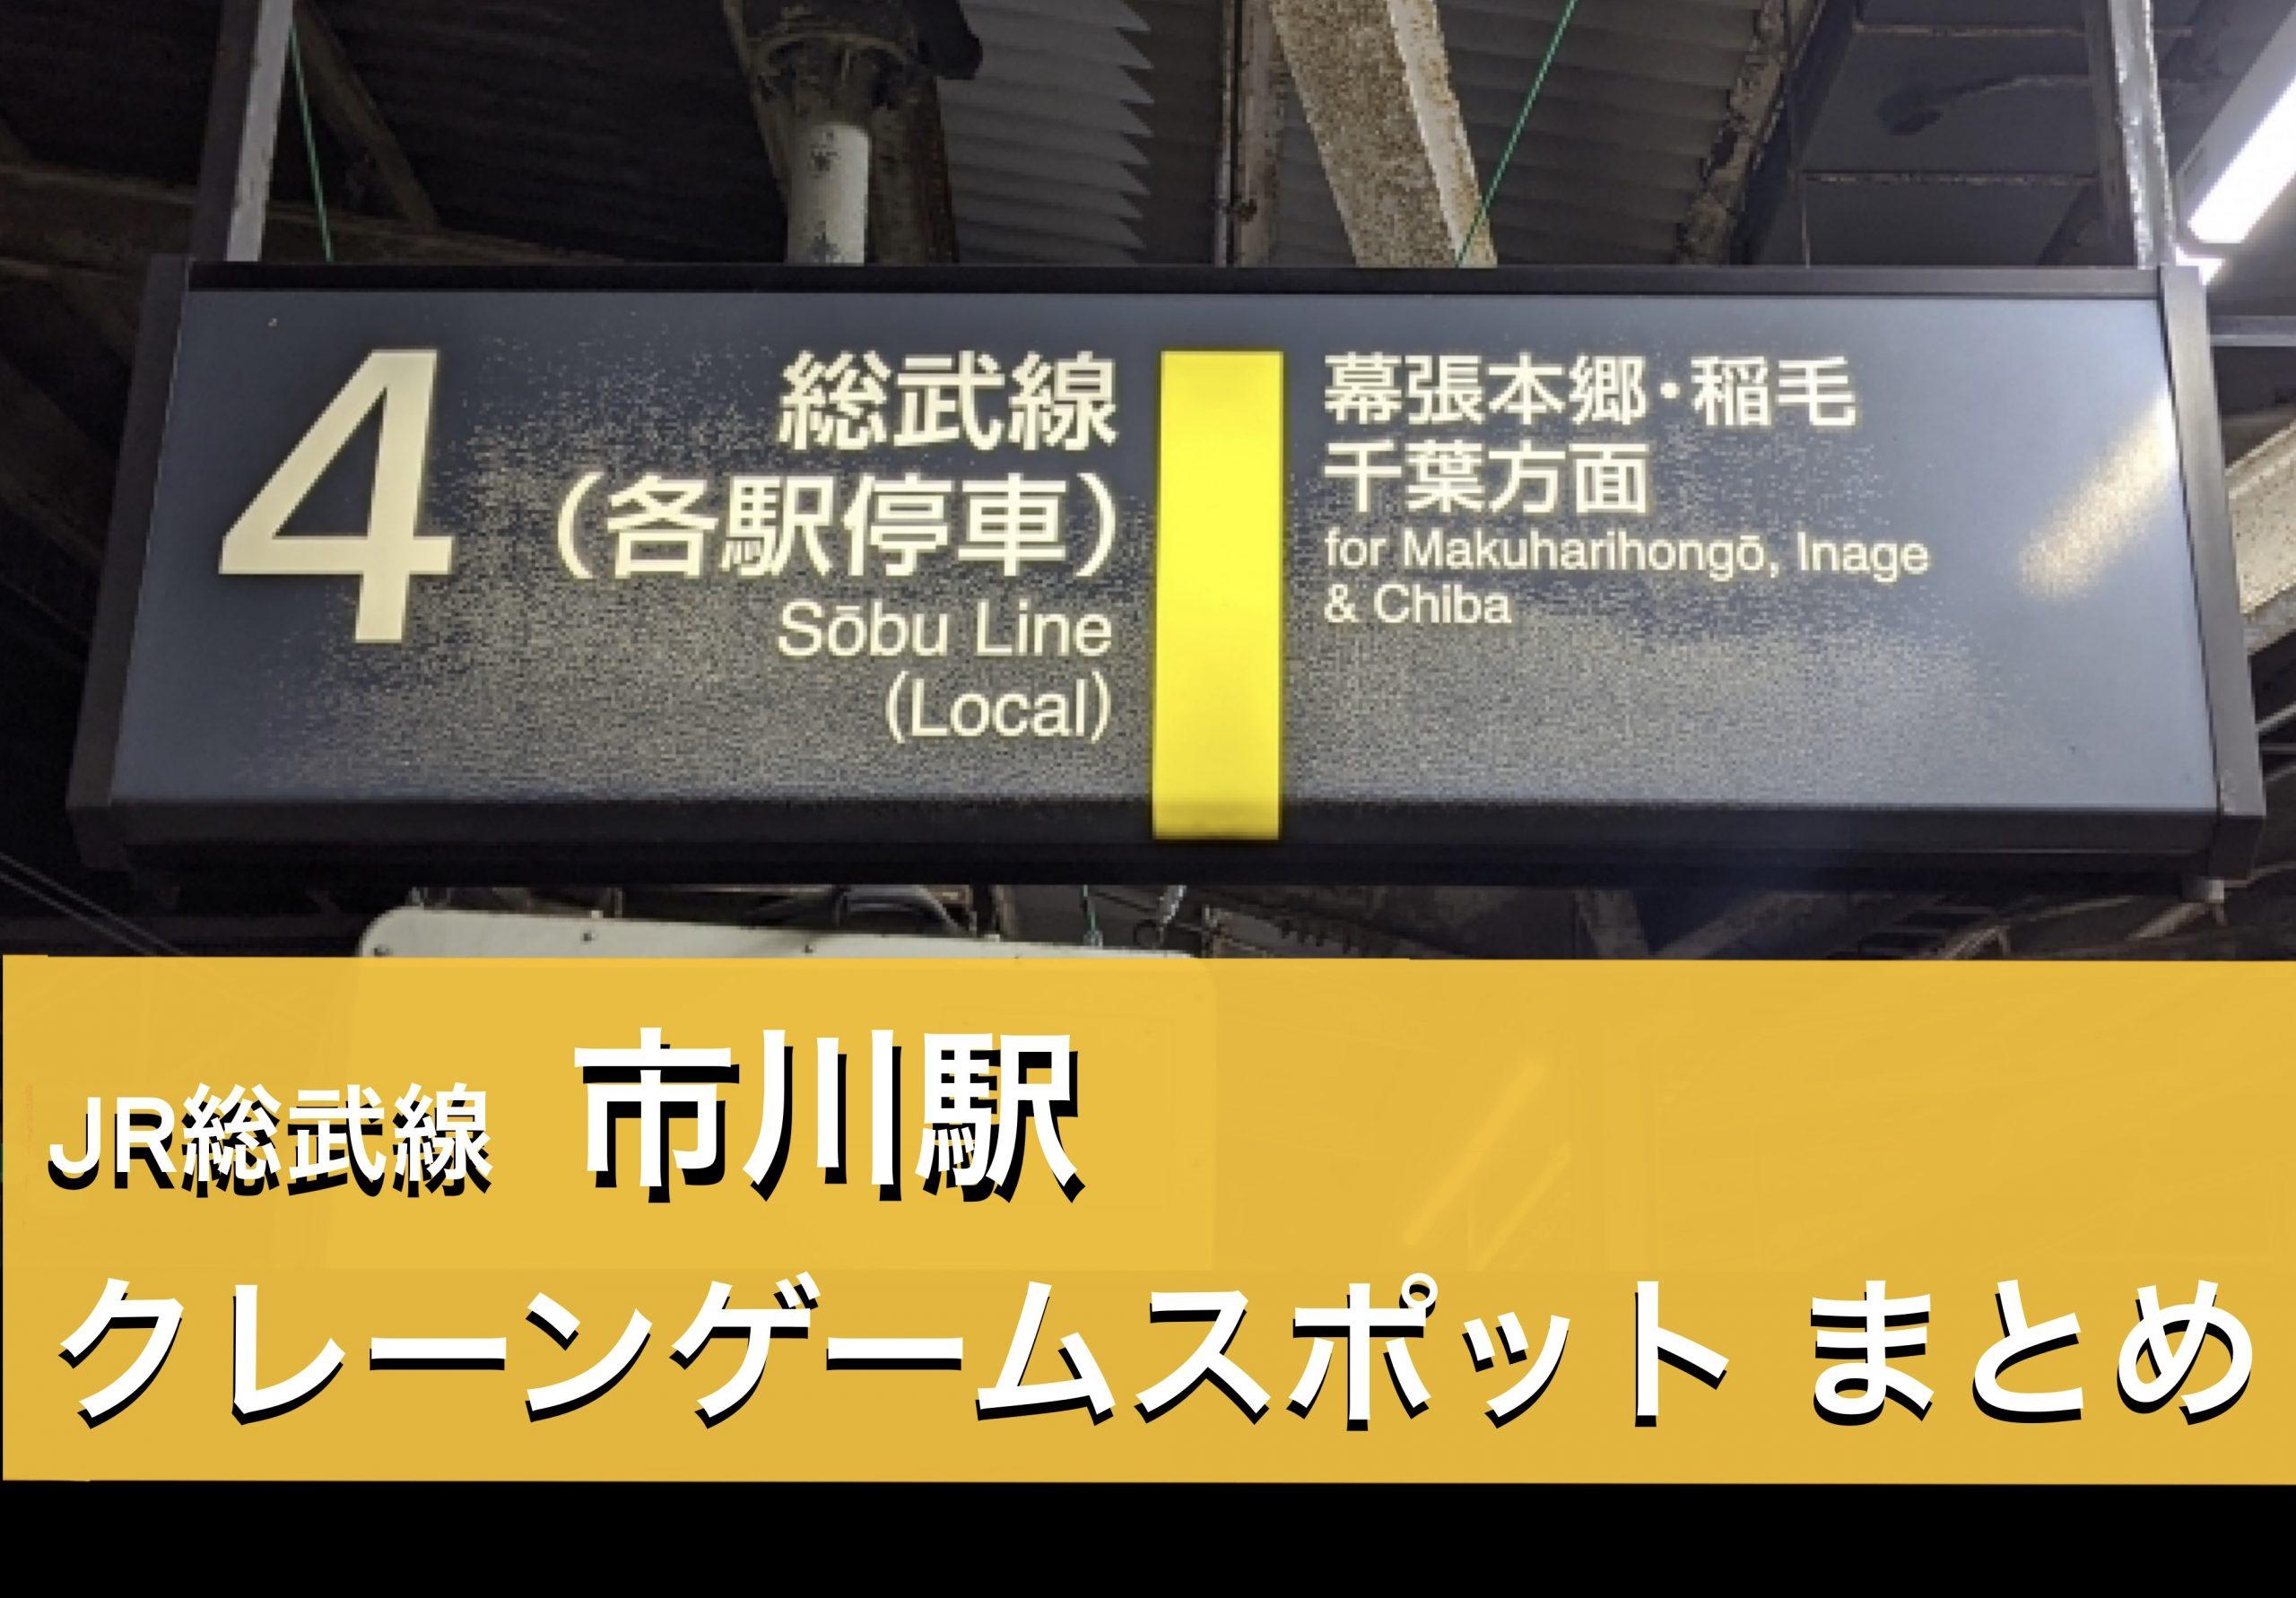 【市川駅】クレーンゲームができる場所